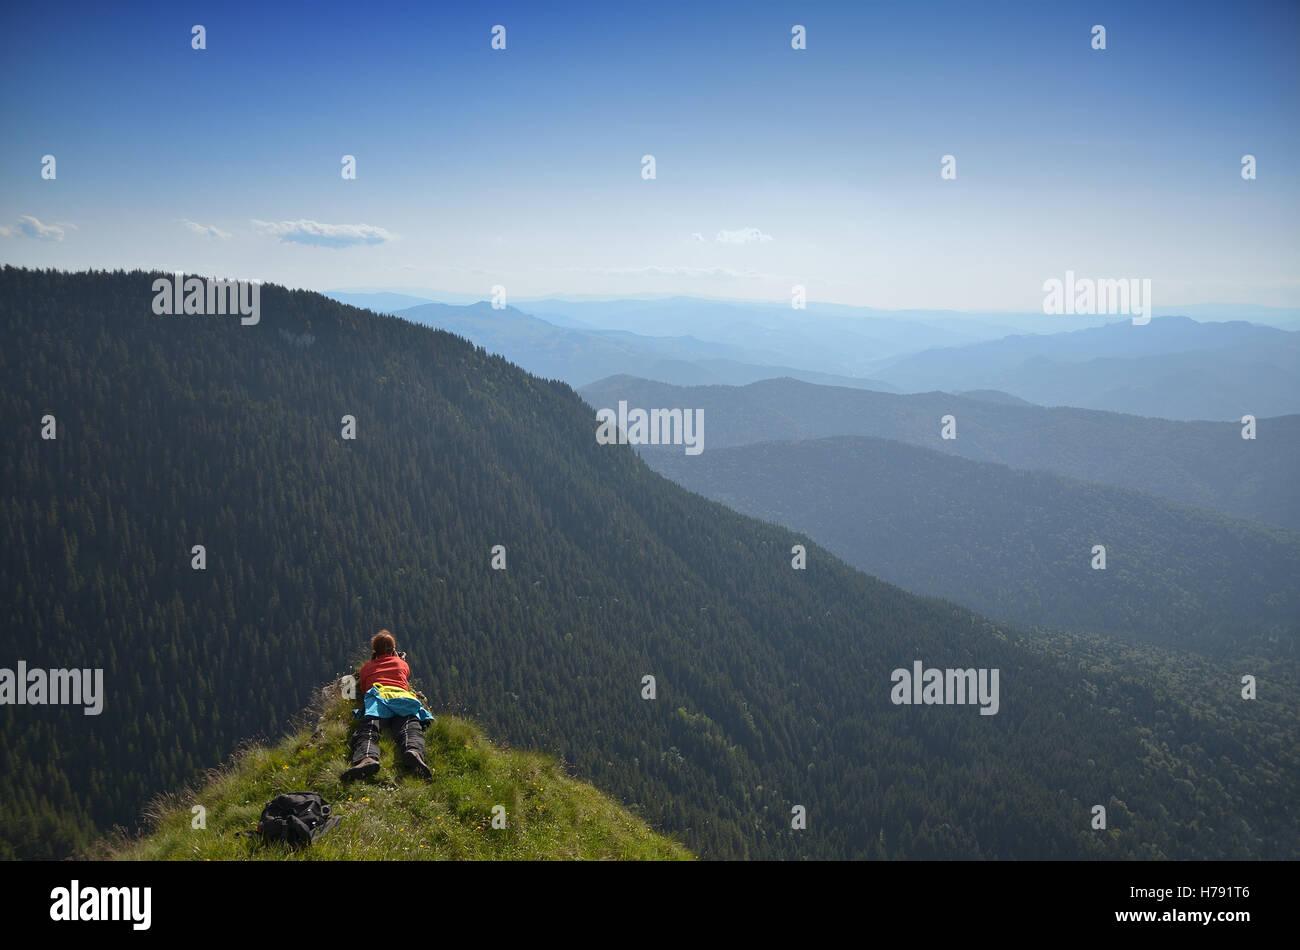 Les photographes femmes sur un sommet de montagne le paysage de tir Banque D'Images